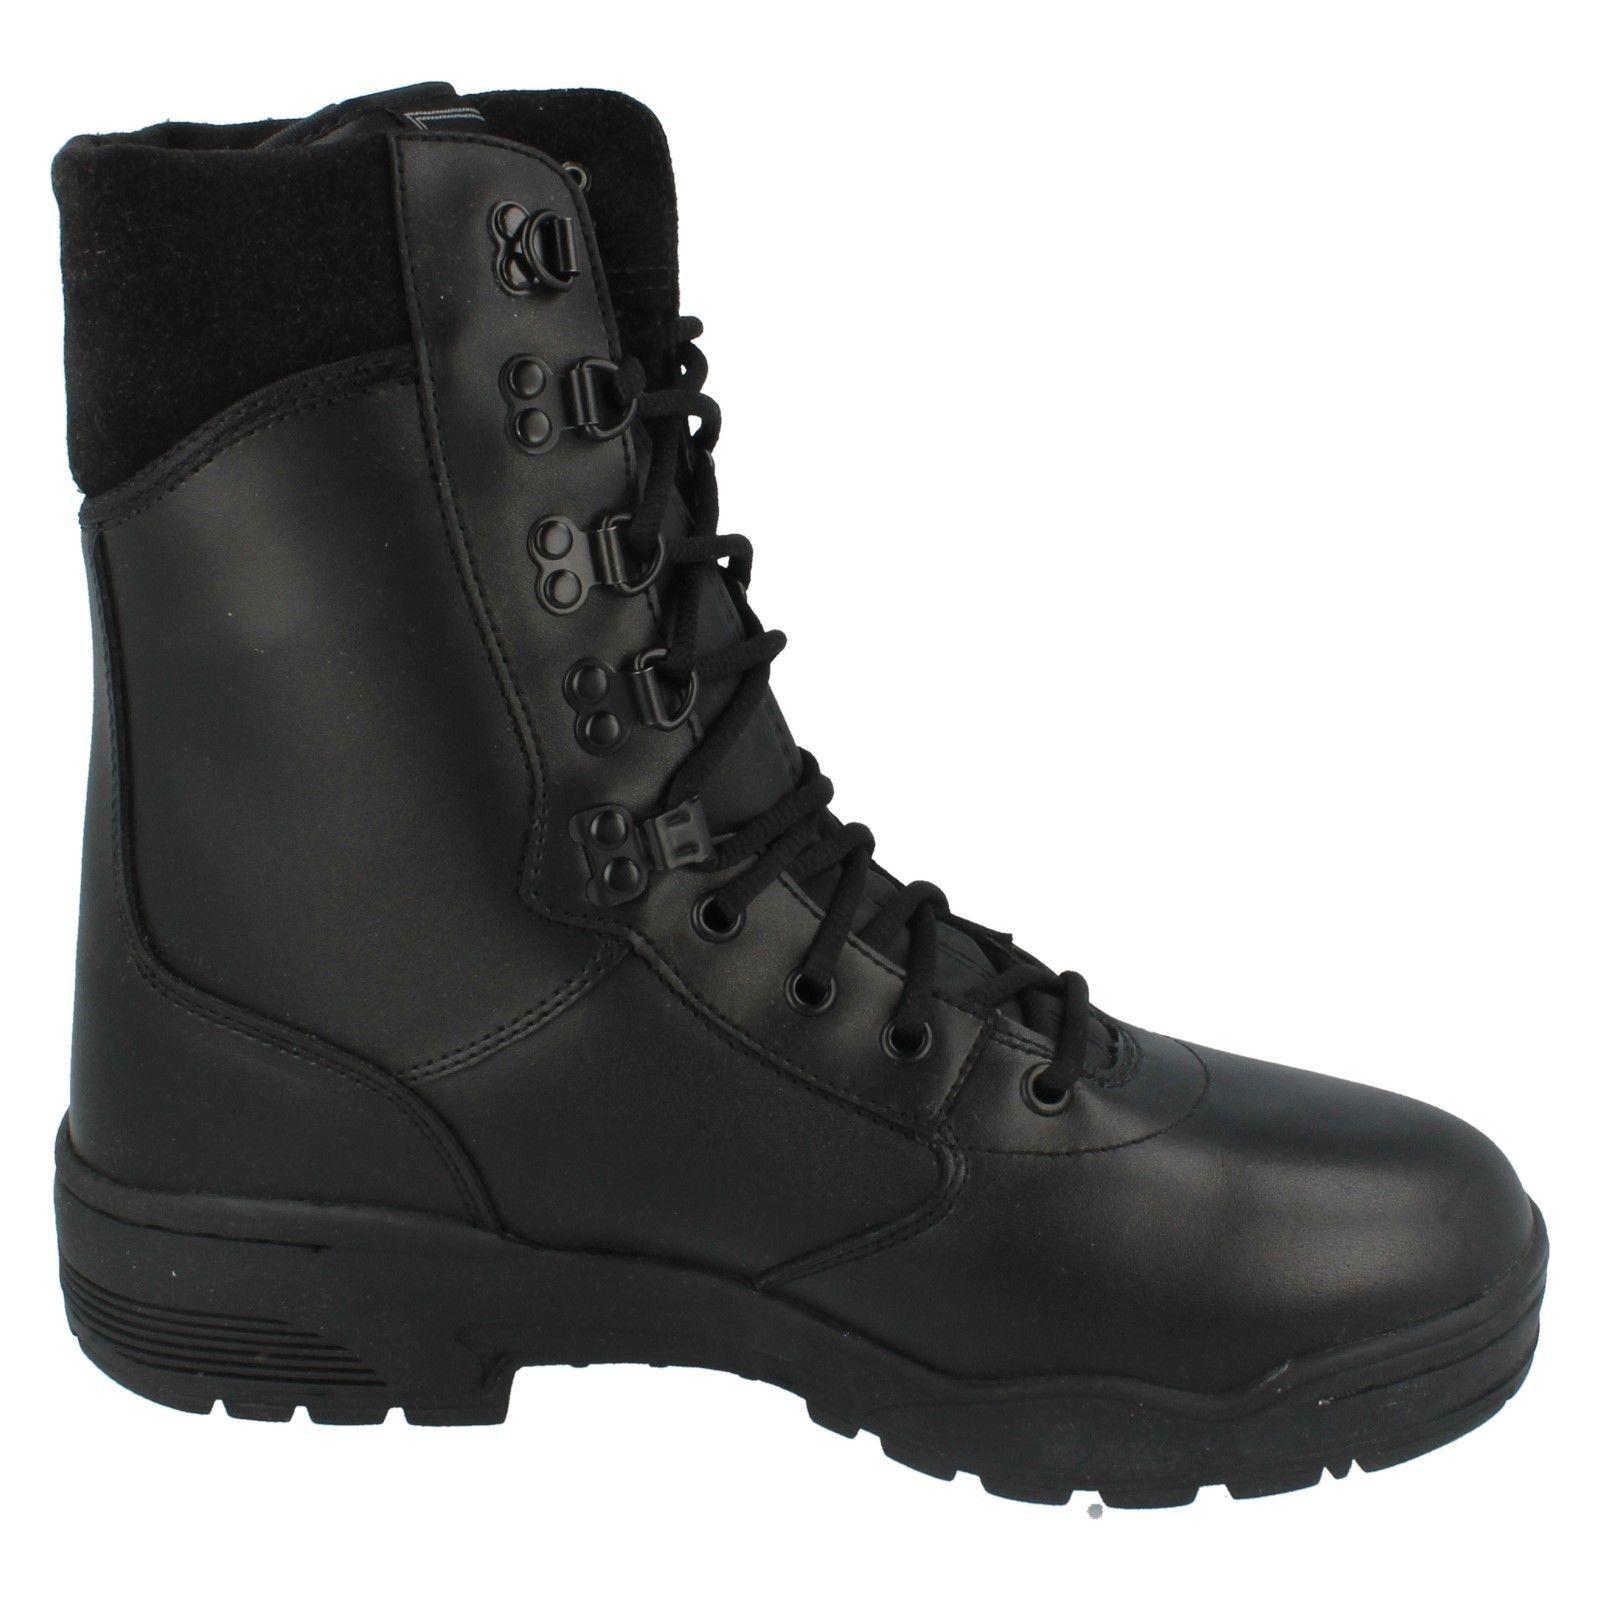 Magnum Cen Hombre Cuero Negro Puntera De Botas Acero Botas De De Combate Fuerzas armadas policiales a33a55